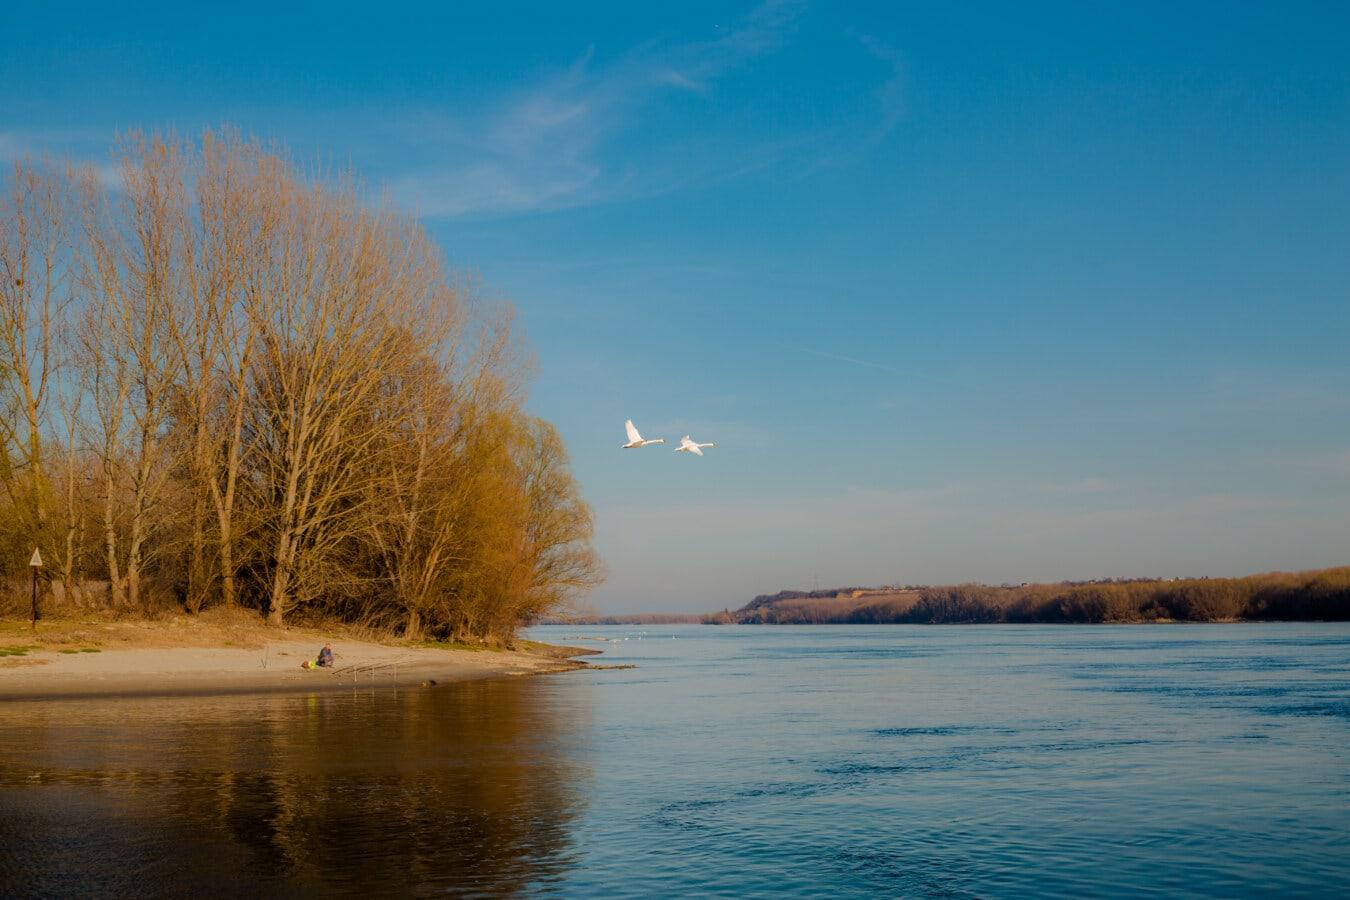 oiseaux, cygne, en volant, Flyover, rivière, berge, rive, eau, au bord du lac, paysage